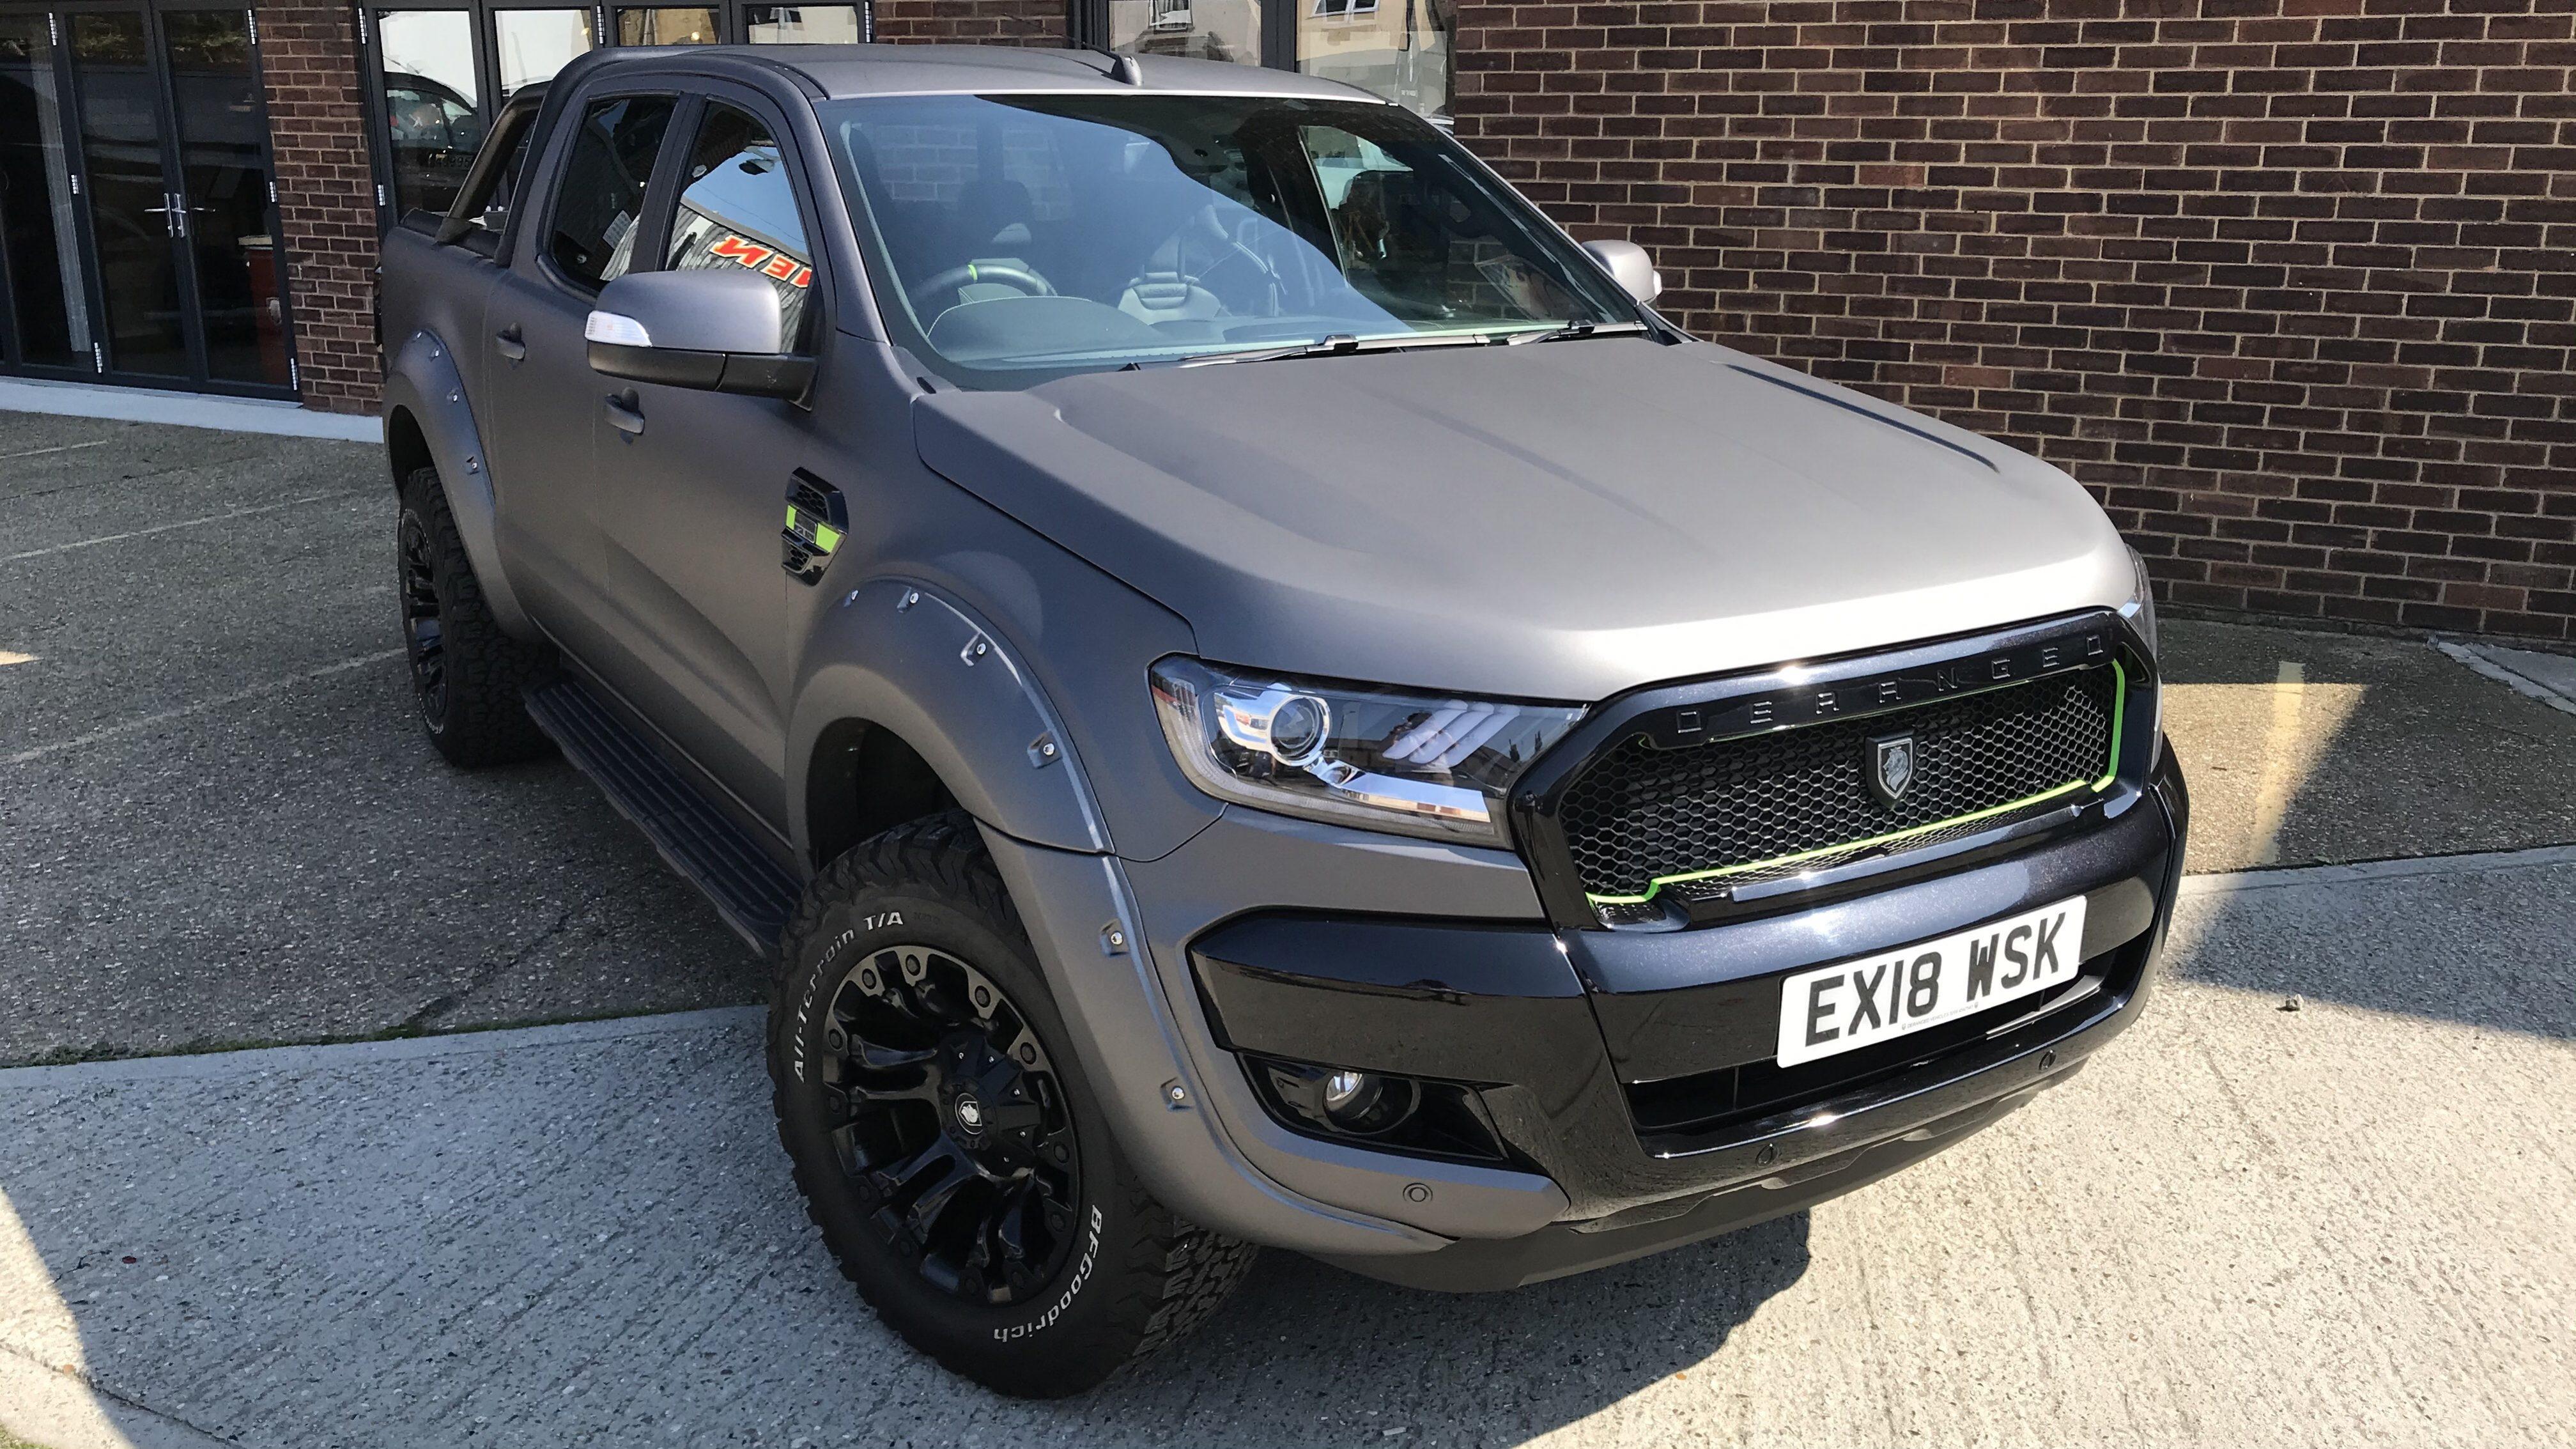 2018 18 Deranged Ranger 3 2 Tdci Auto Ultimate Edition Deranged Vehicles